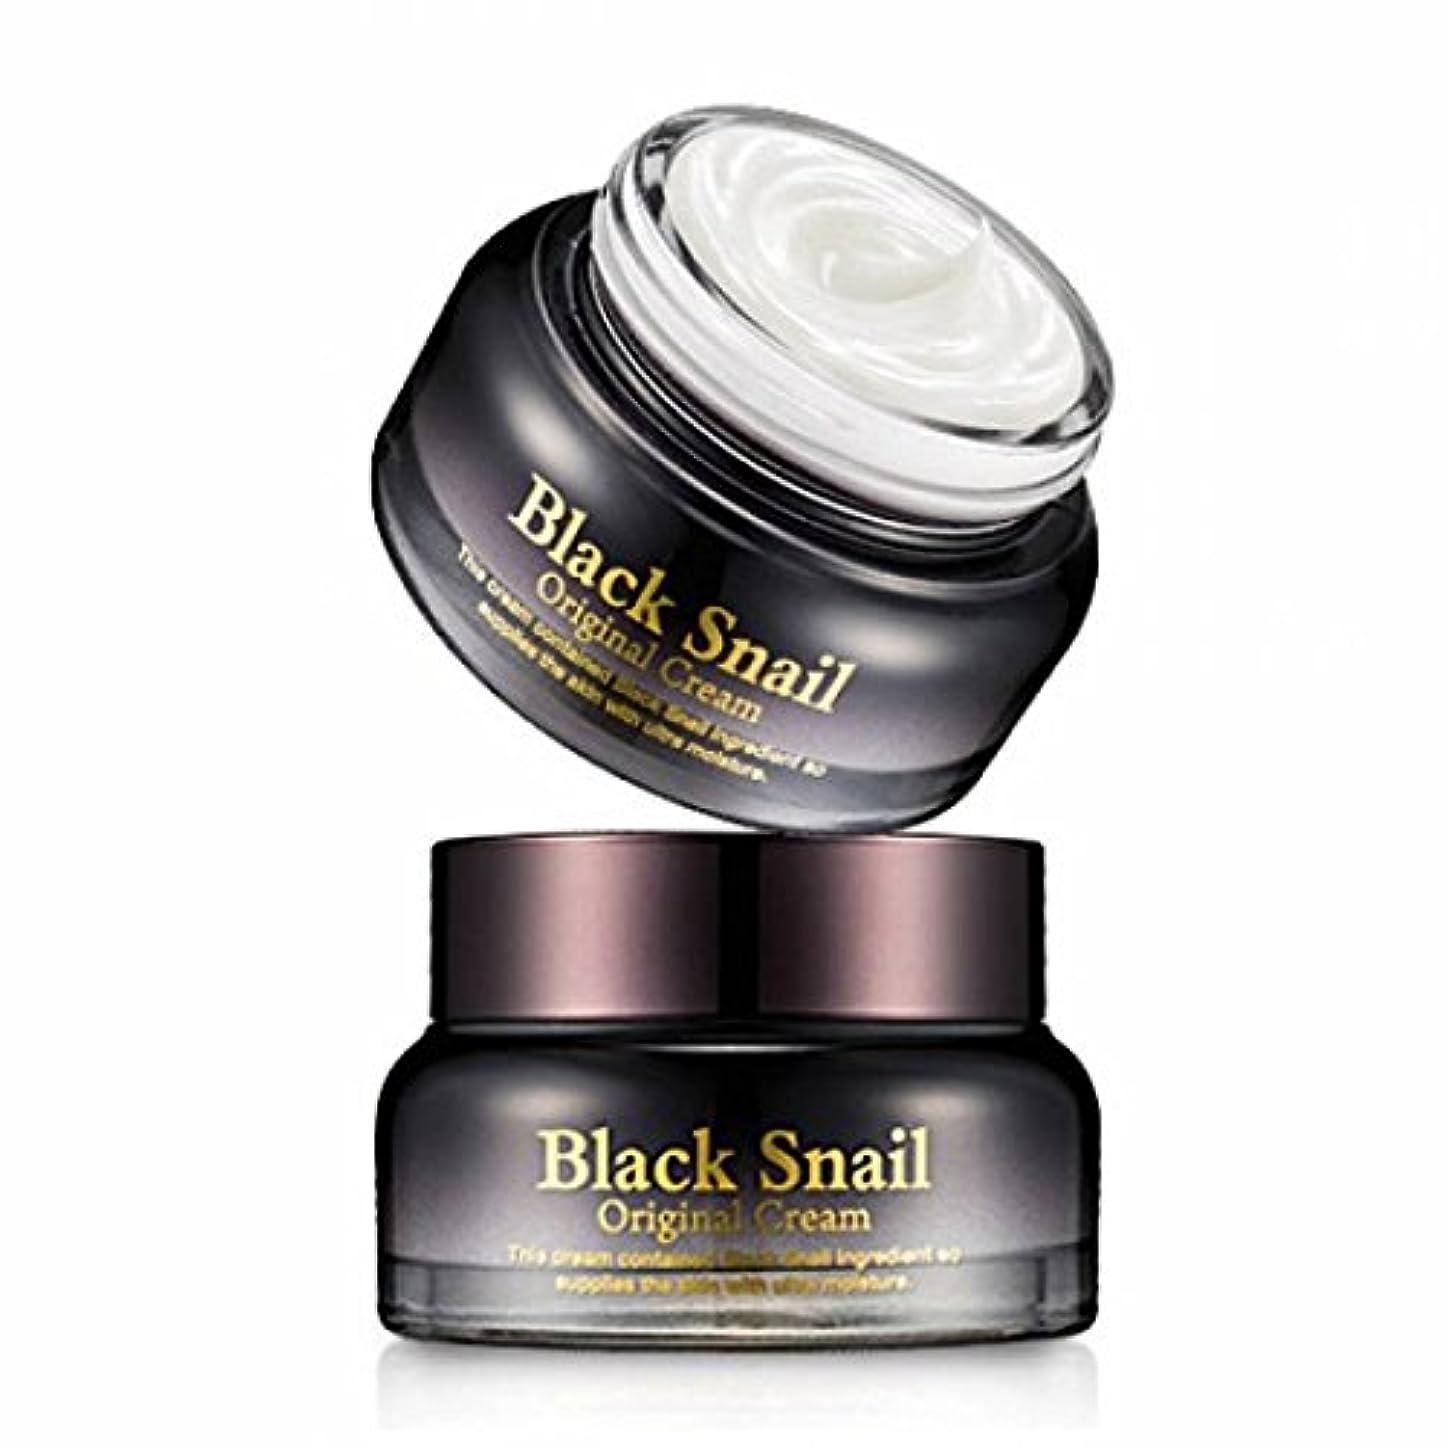 癌火山学プログレッシブシークレットキー [韓国コスメ Secret Key] ブラックスネイル オリジナルクリーム Secret Key Black Snail Original Cream [並行輸入品]